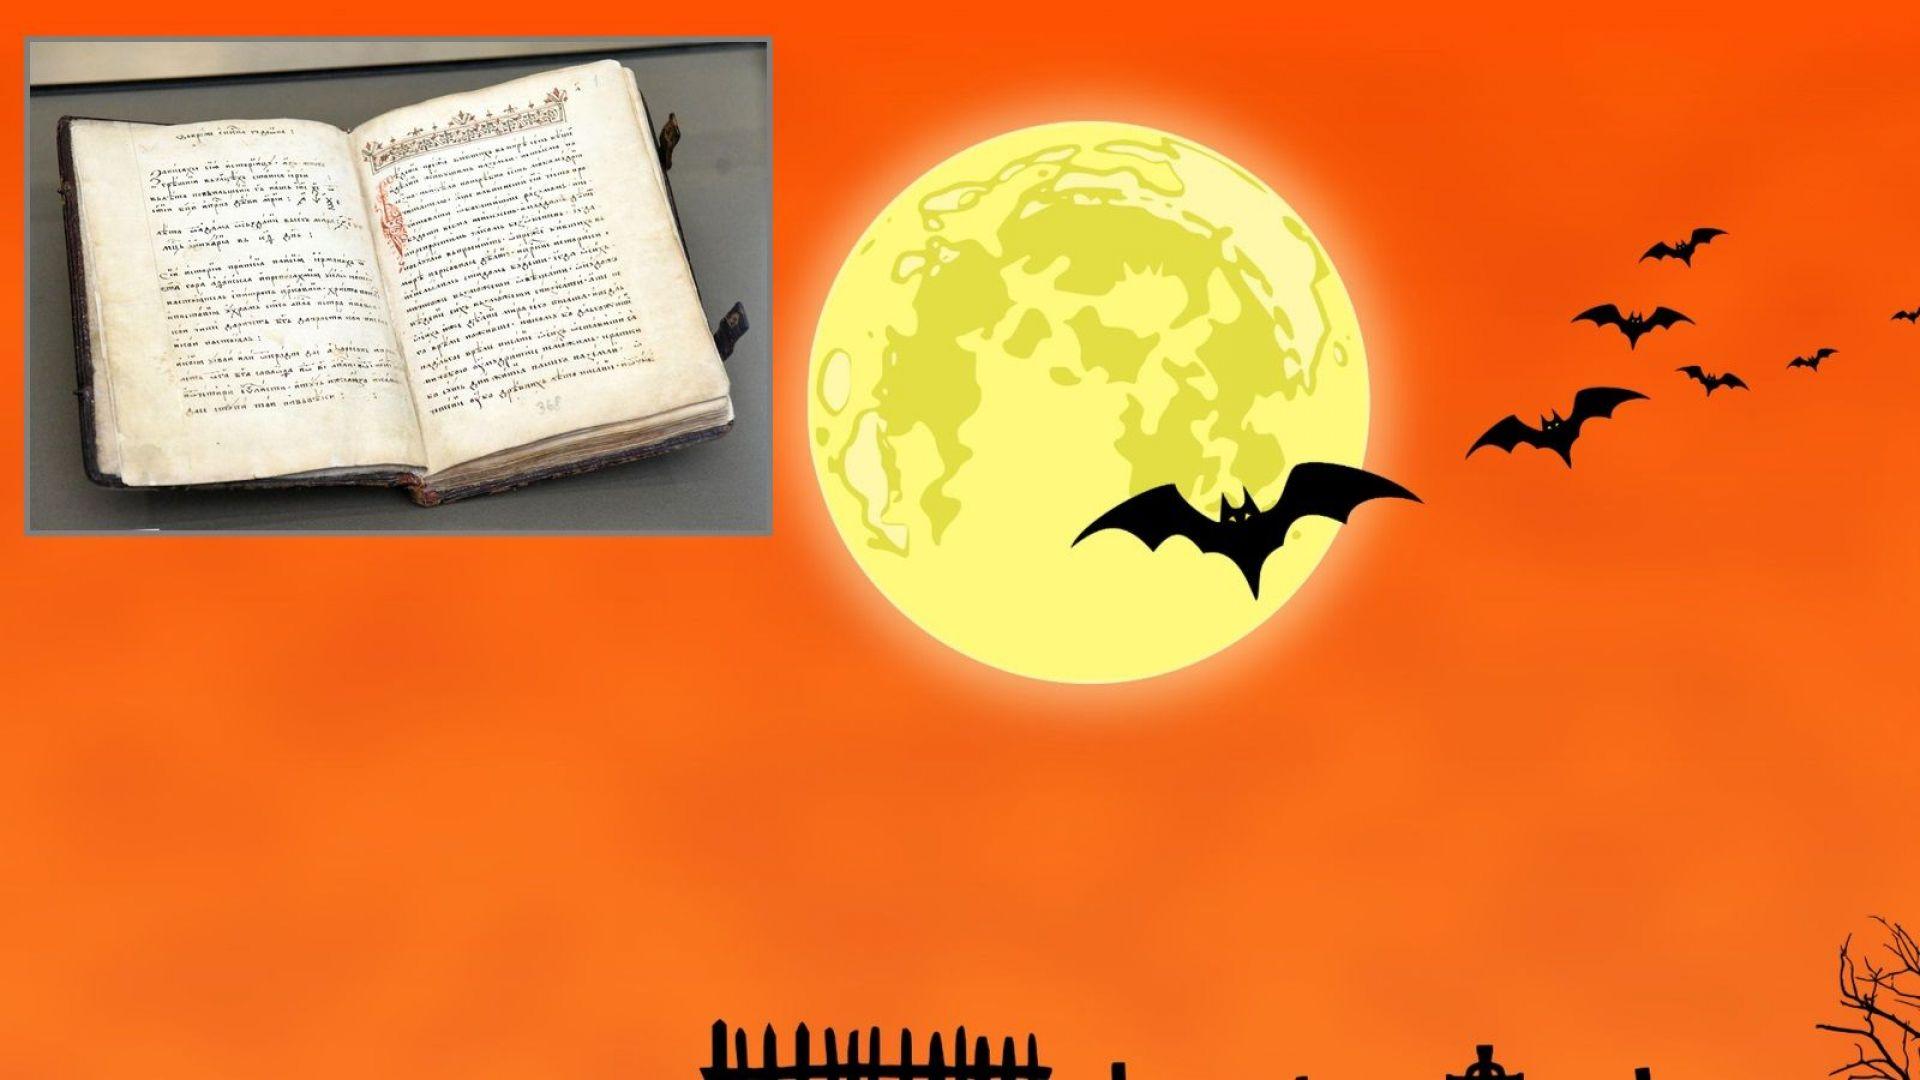 Ритуалният сблъсък между Хелоуин и Будителите